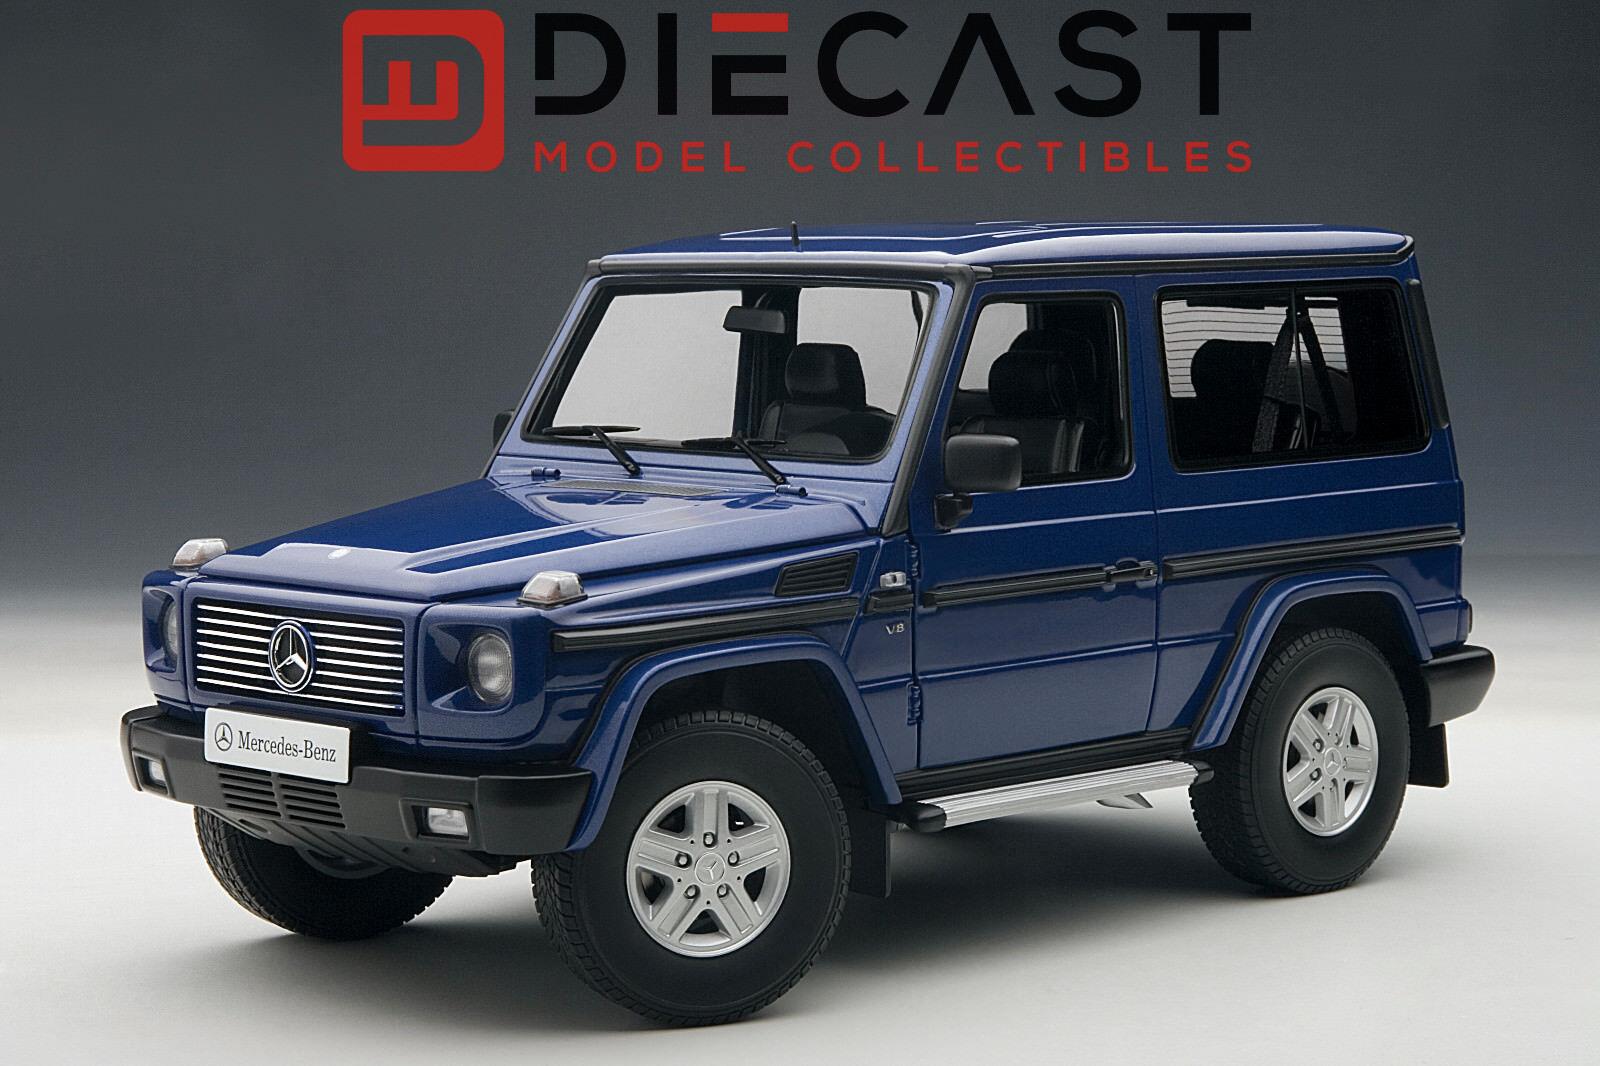 AUTOART 76114 Mercedes Benz G500 1998 Swb, bleu 1 18TH échelle